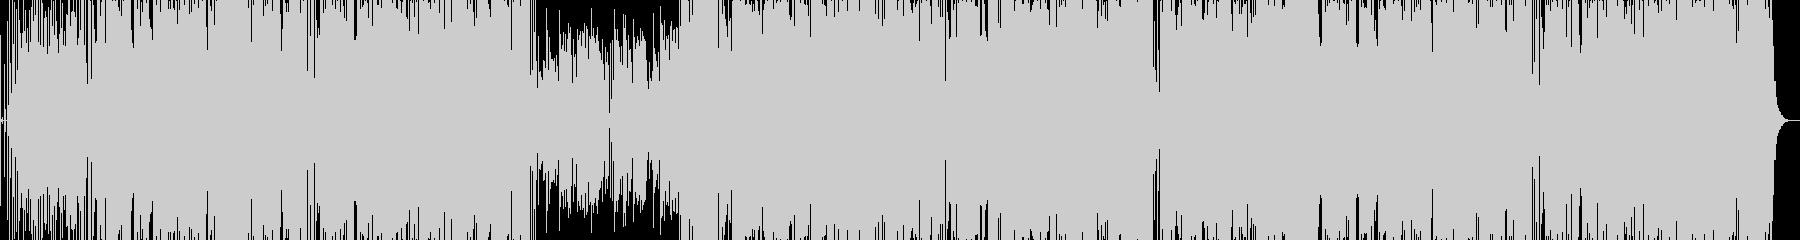 ギターとトランペットのファンクロックの未再生の波形